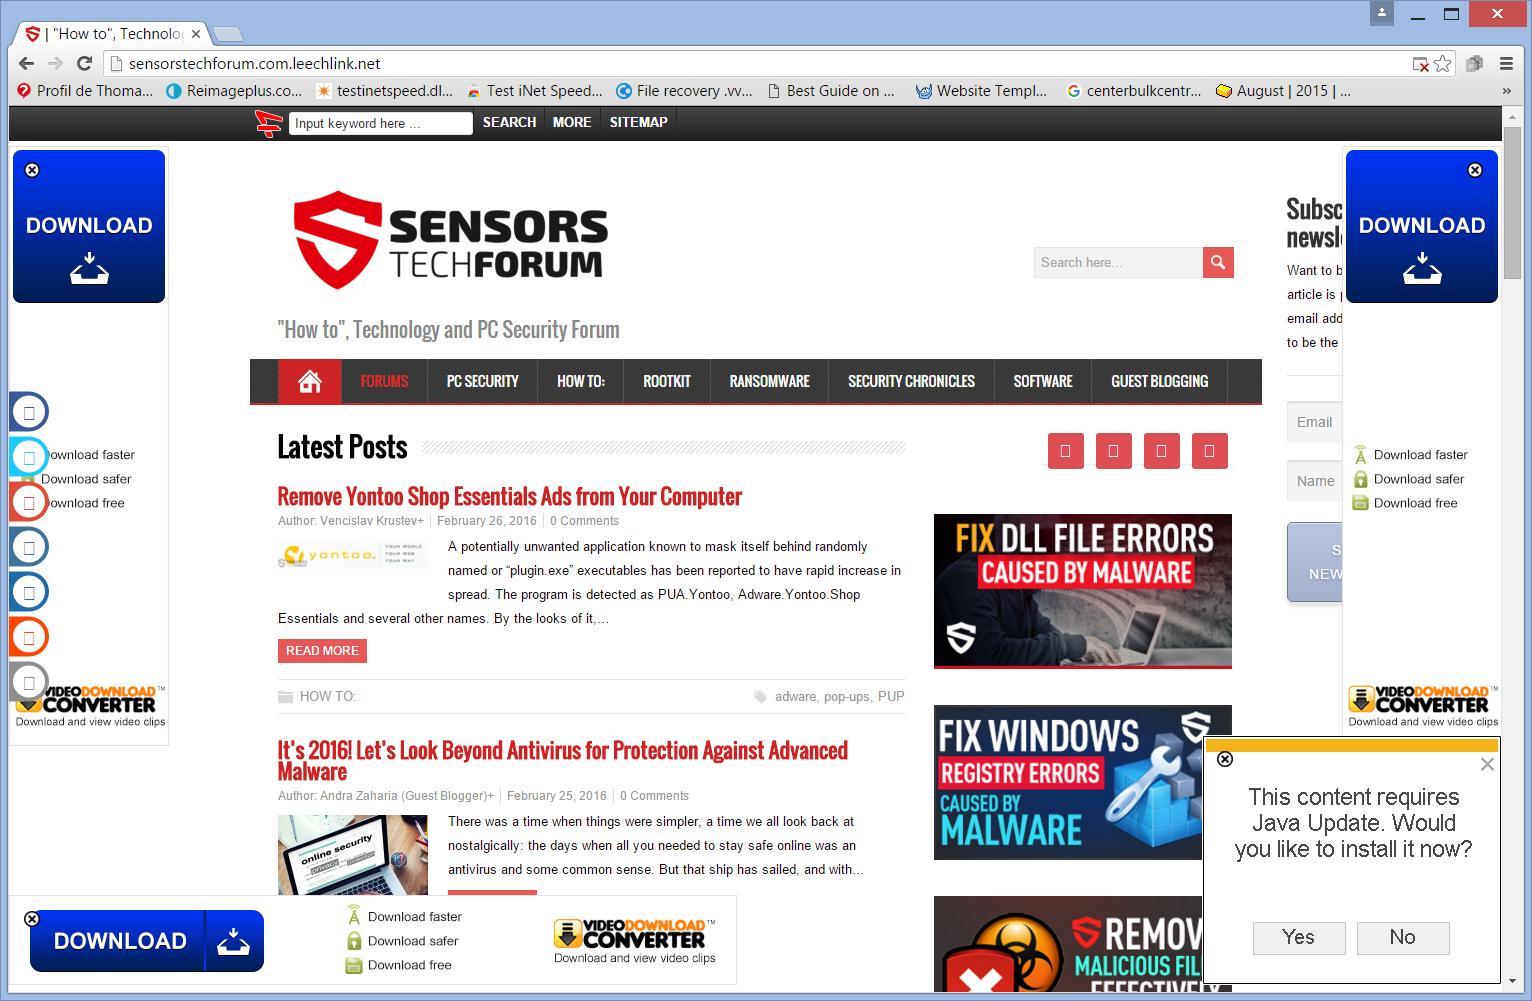 STF-leechlink-net-leech-link-net-frame-adware-ads-advertisements-framing